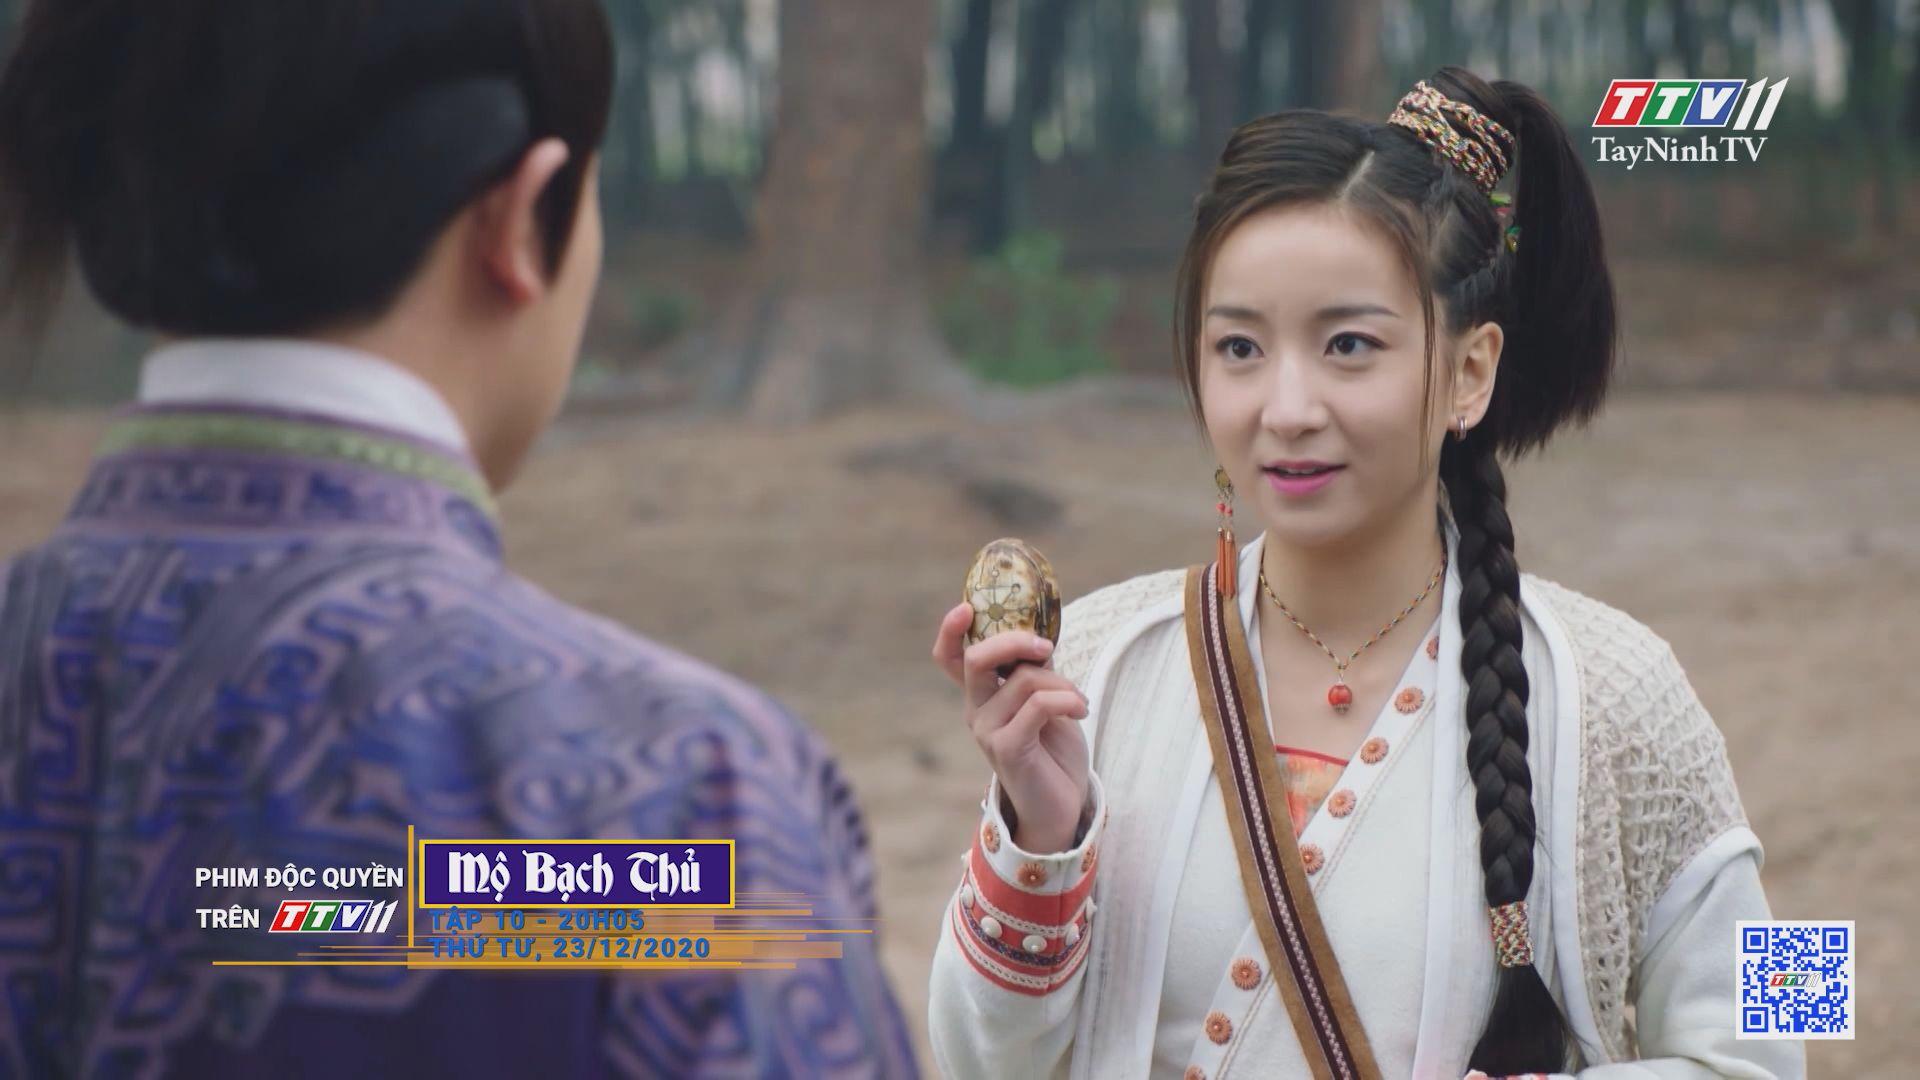 Mộ Bạch Thủ-TẬP 10 trailer | PHIM MỘ BẠCH THỦ | TayNinhTV